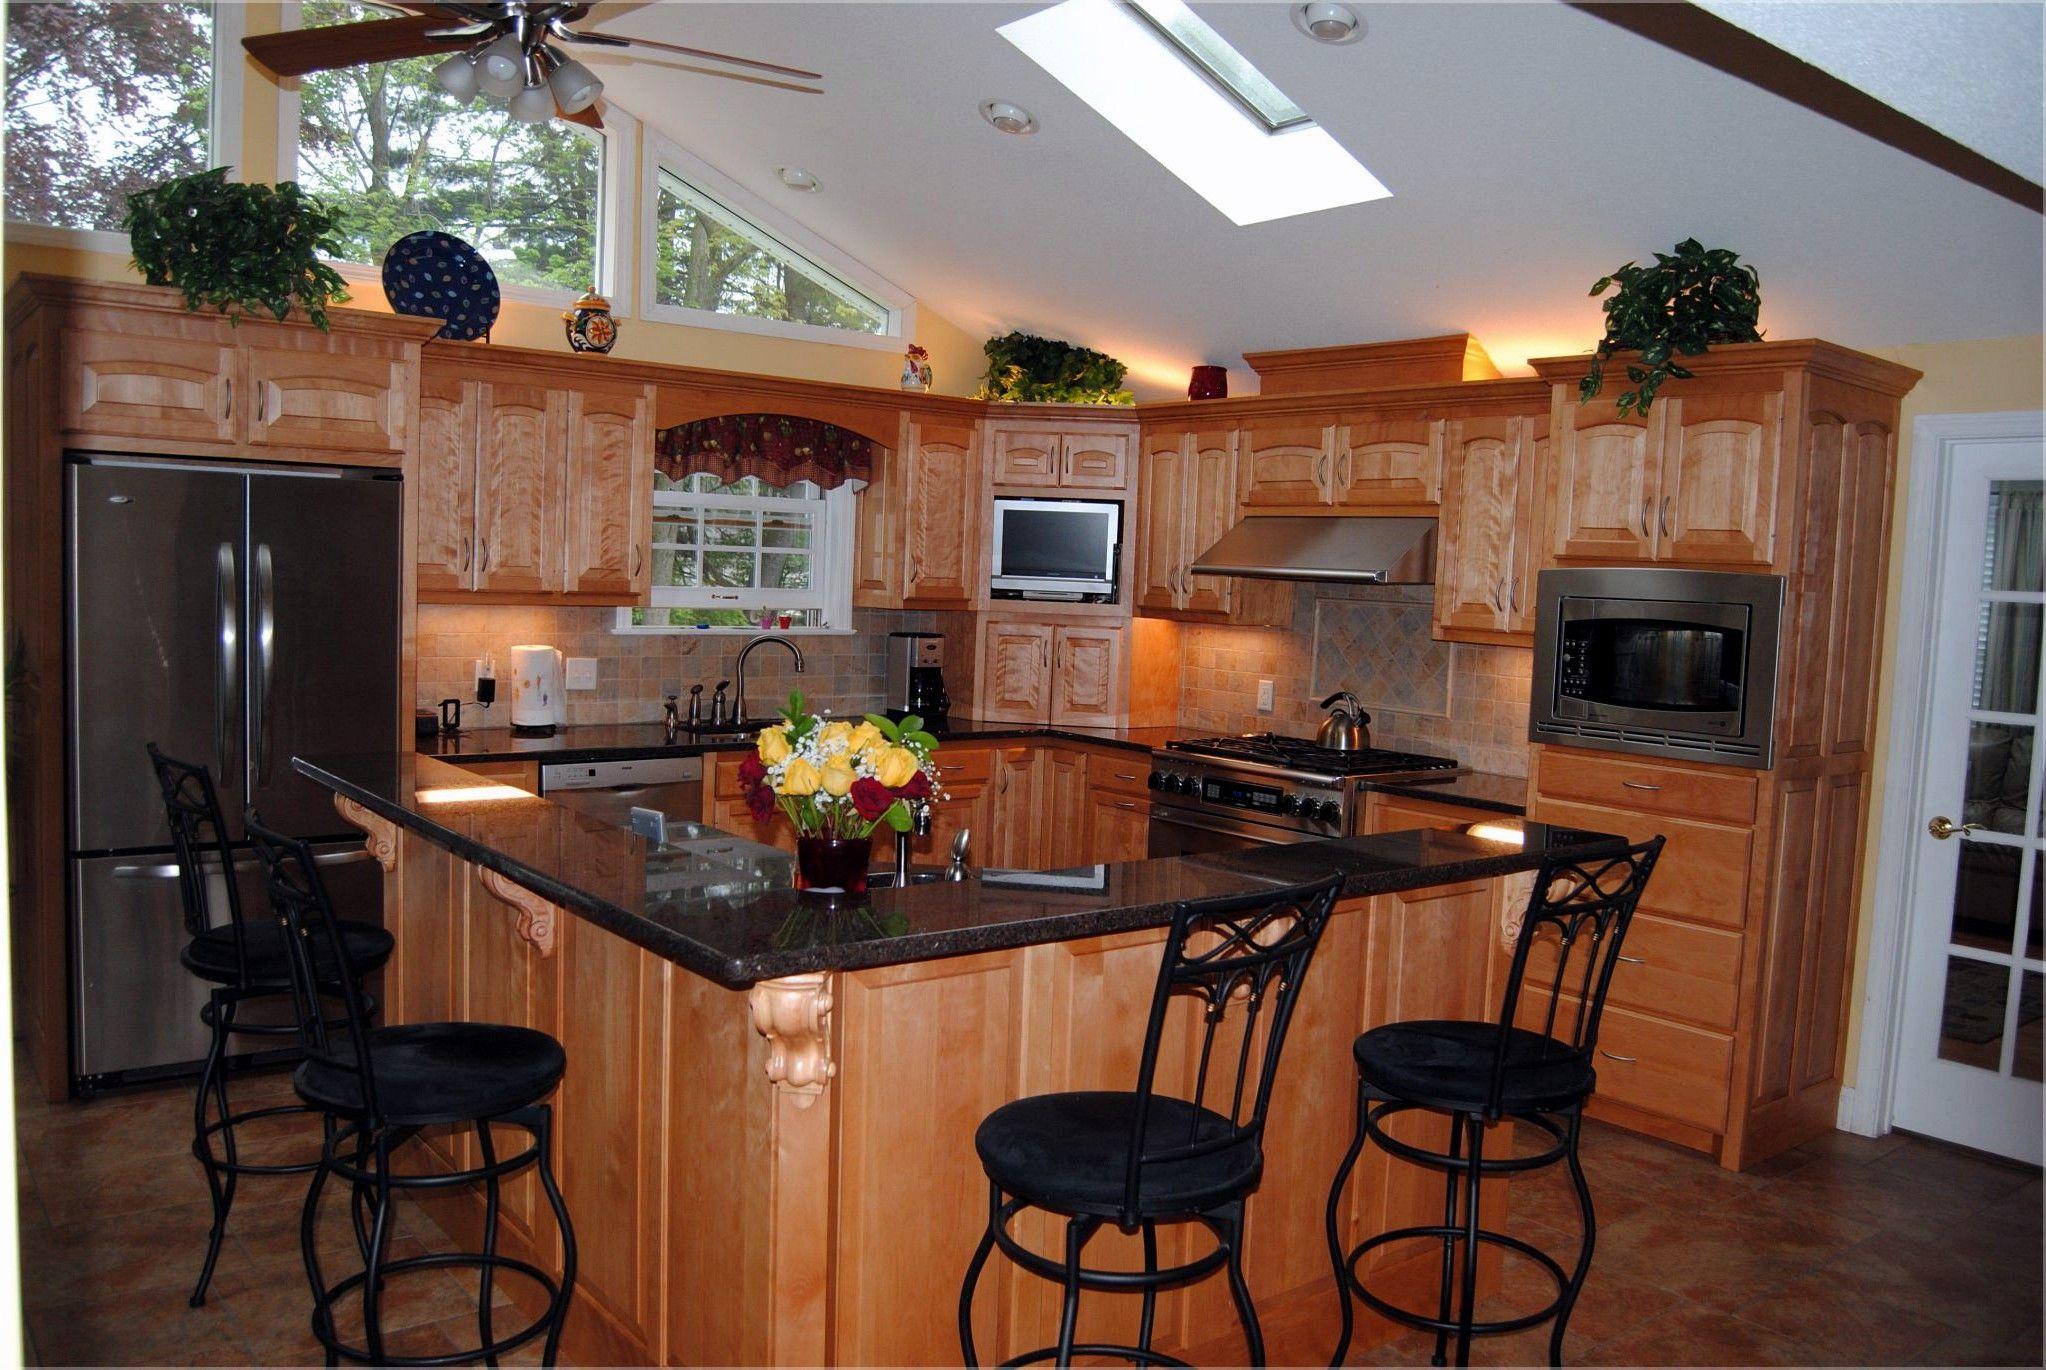 l shaped kitchen island dimensions kitchen island tray ideas kitchenislandideas home on kitchen island ideas v shape id=21042